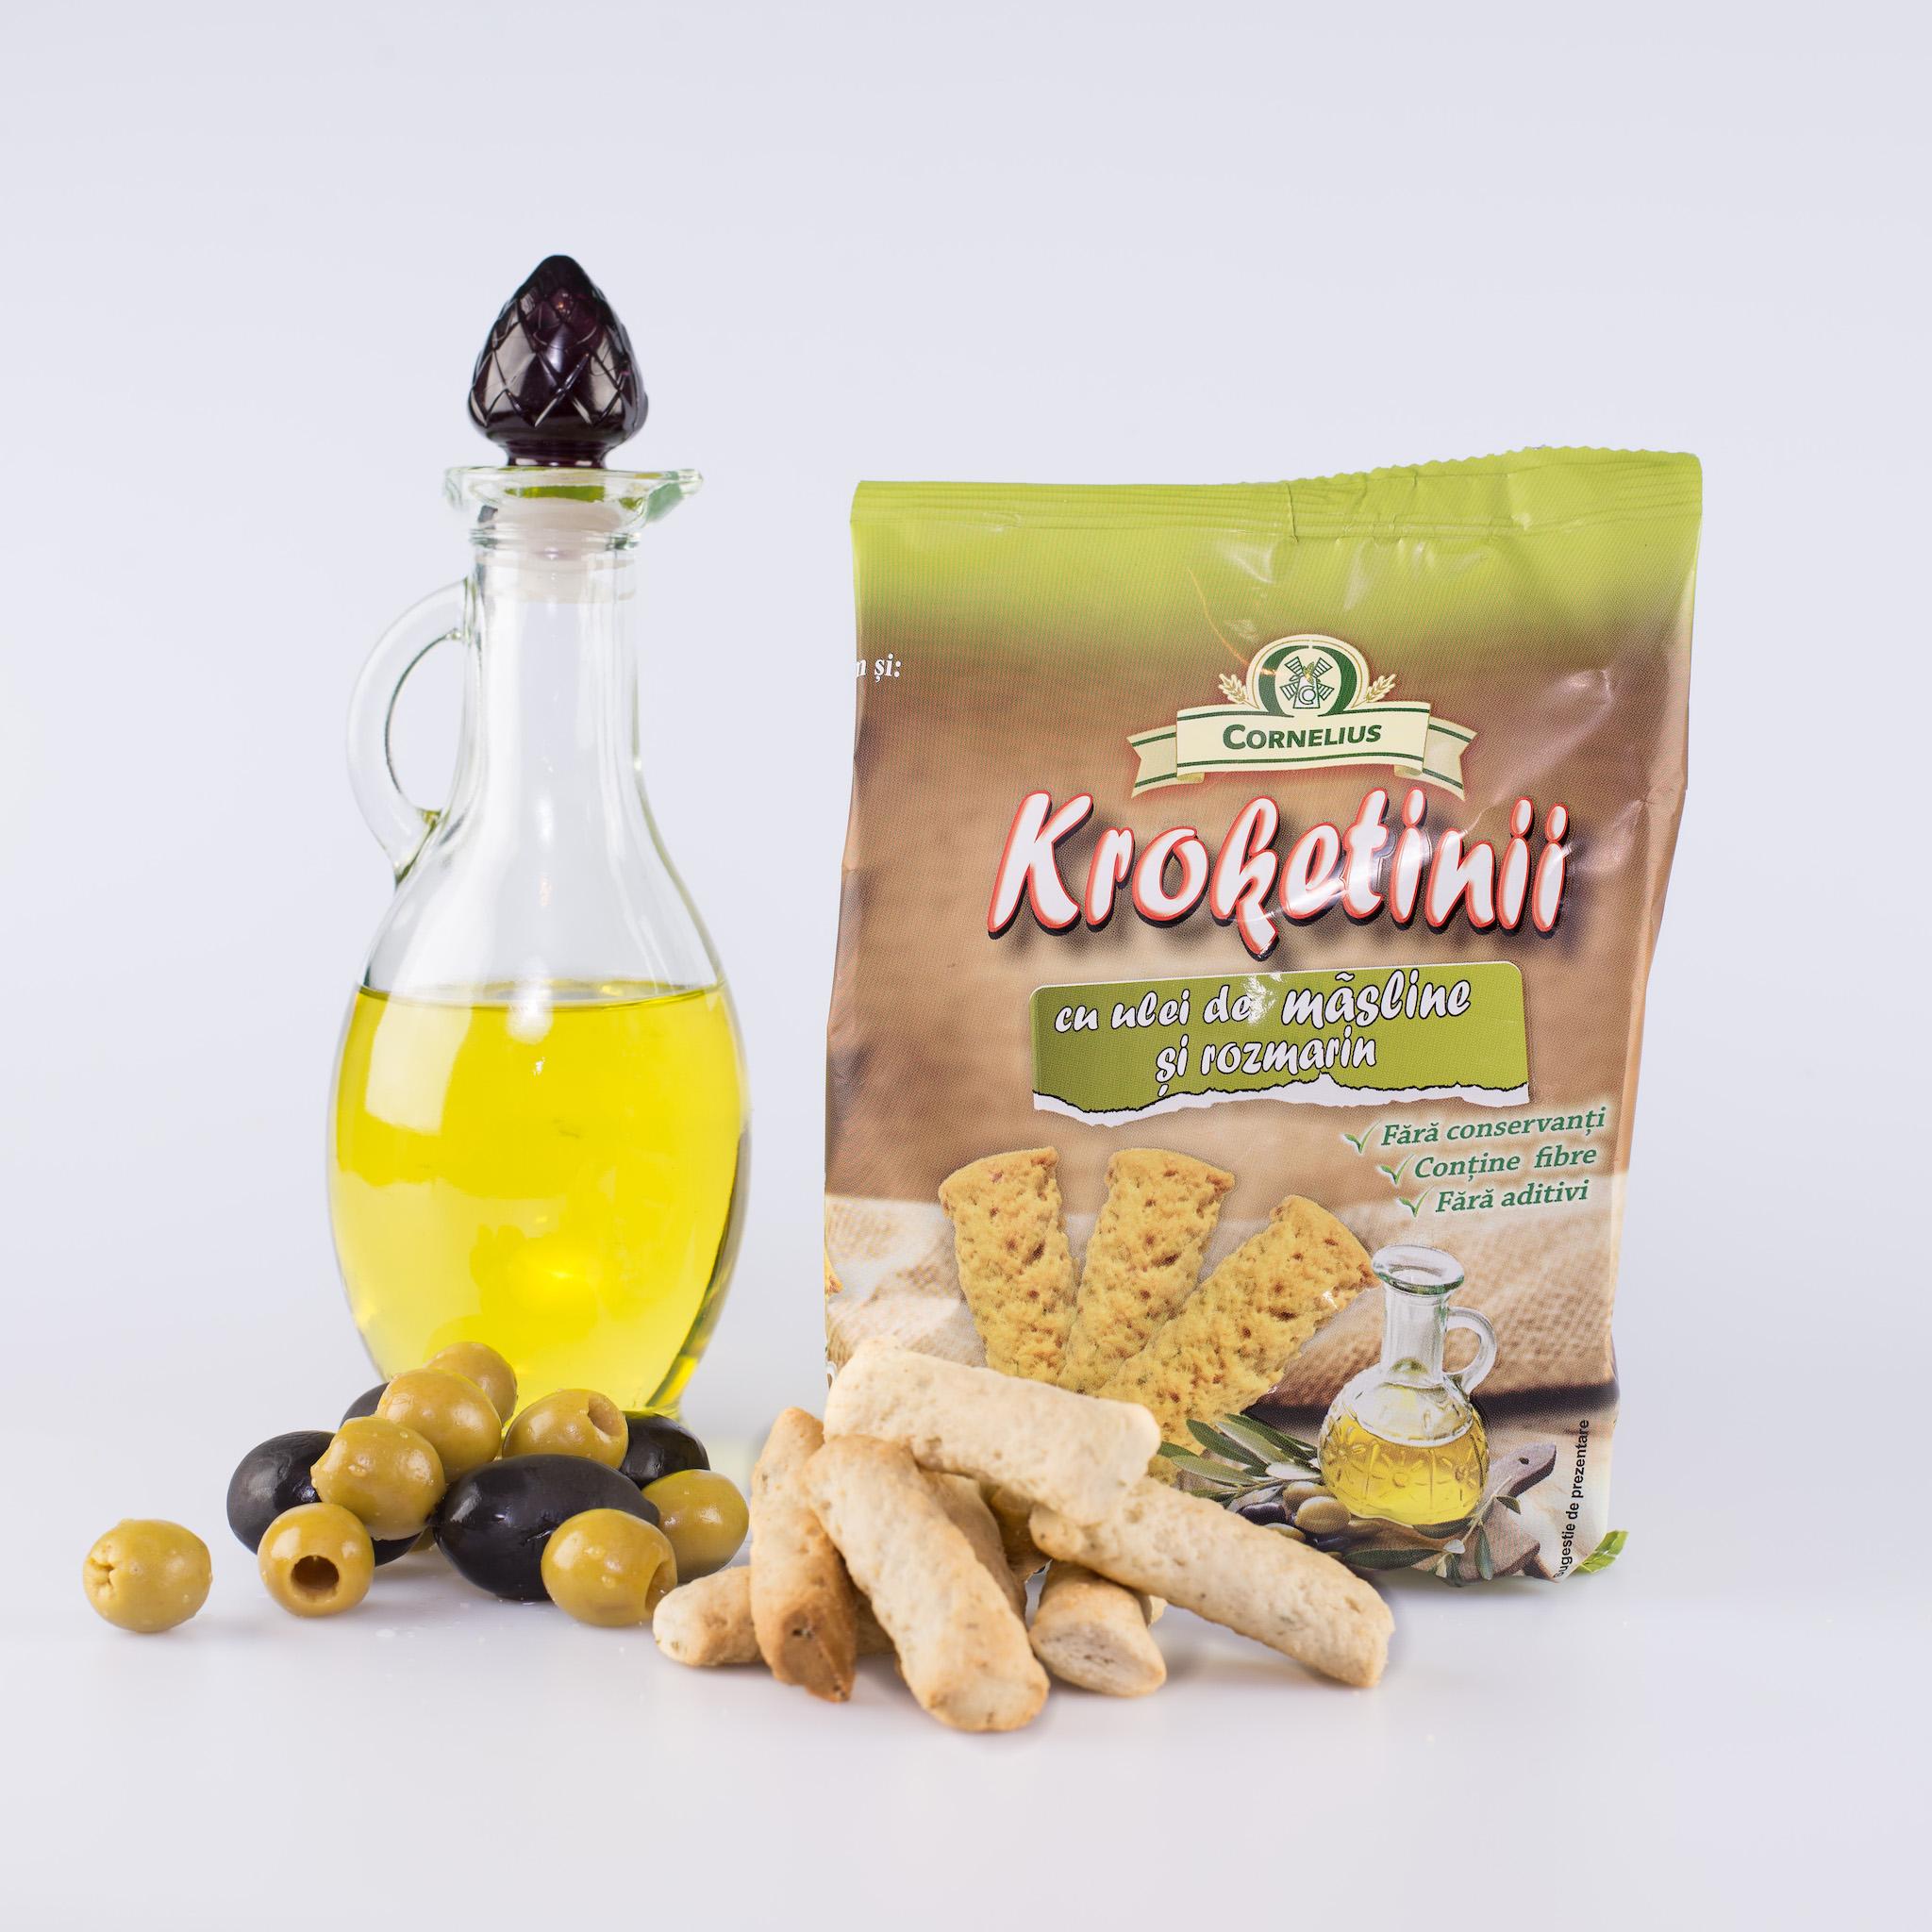 Kroketinii cu ulei de masline